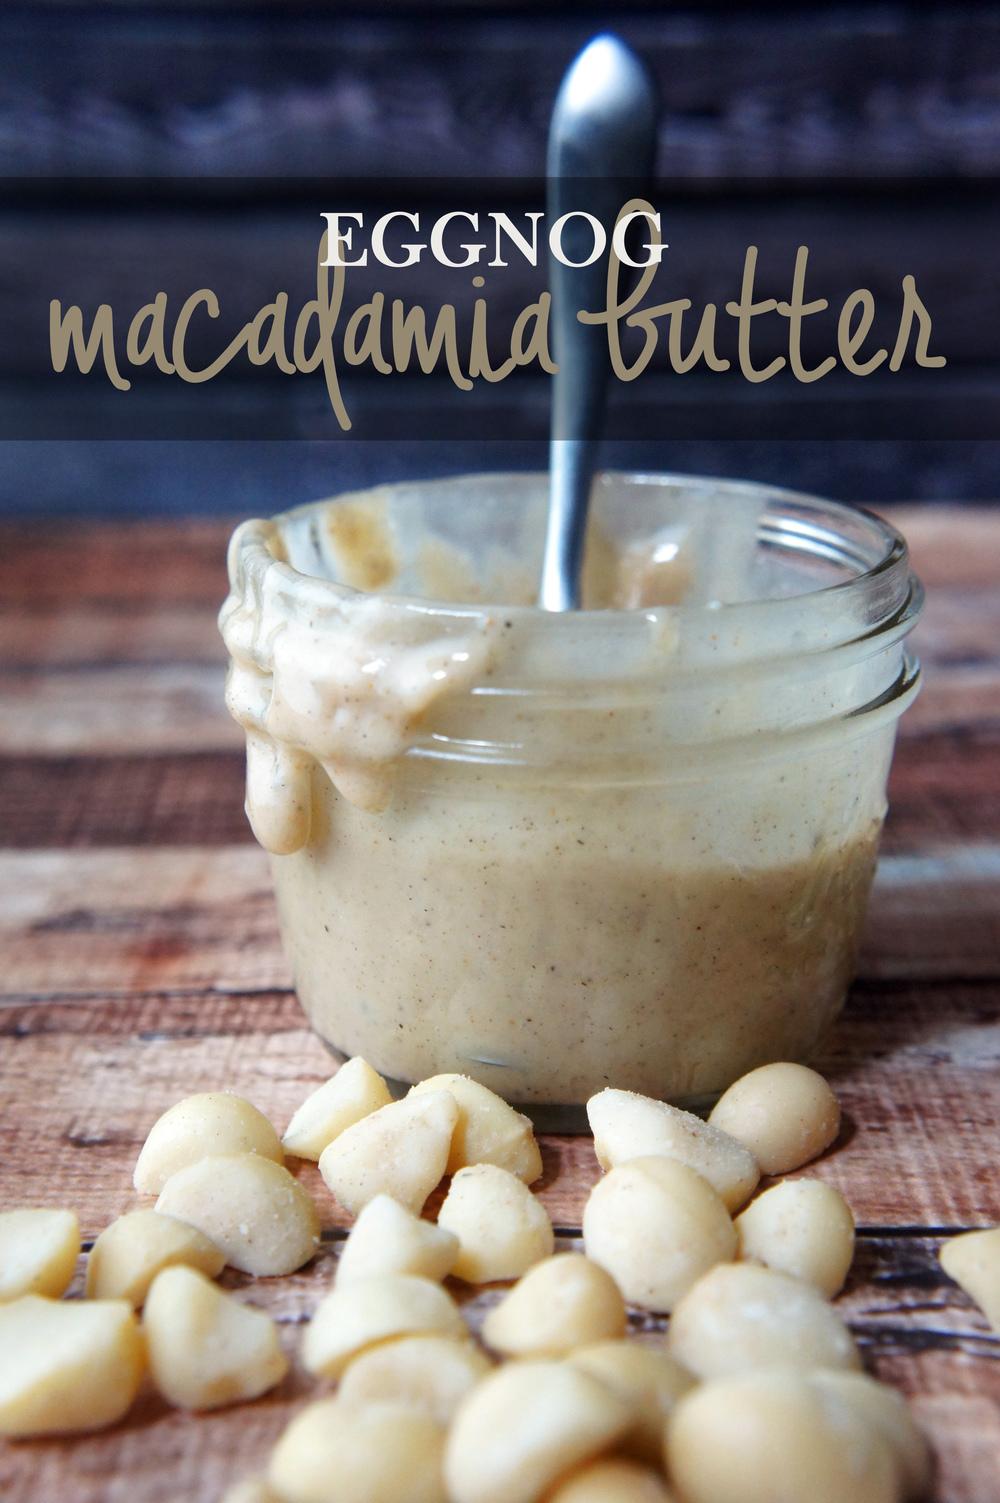 Eggnog Macadamia Butter